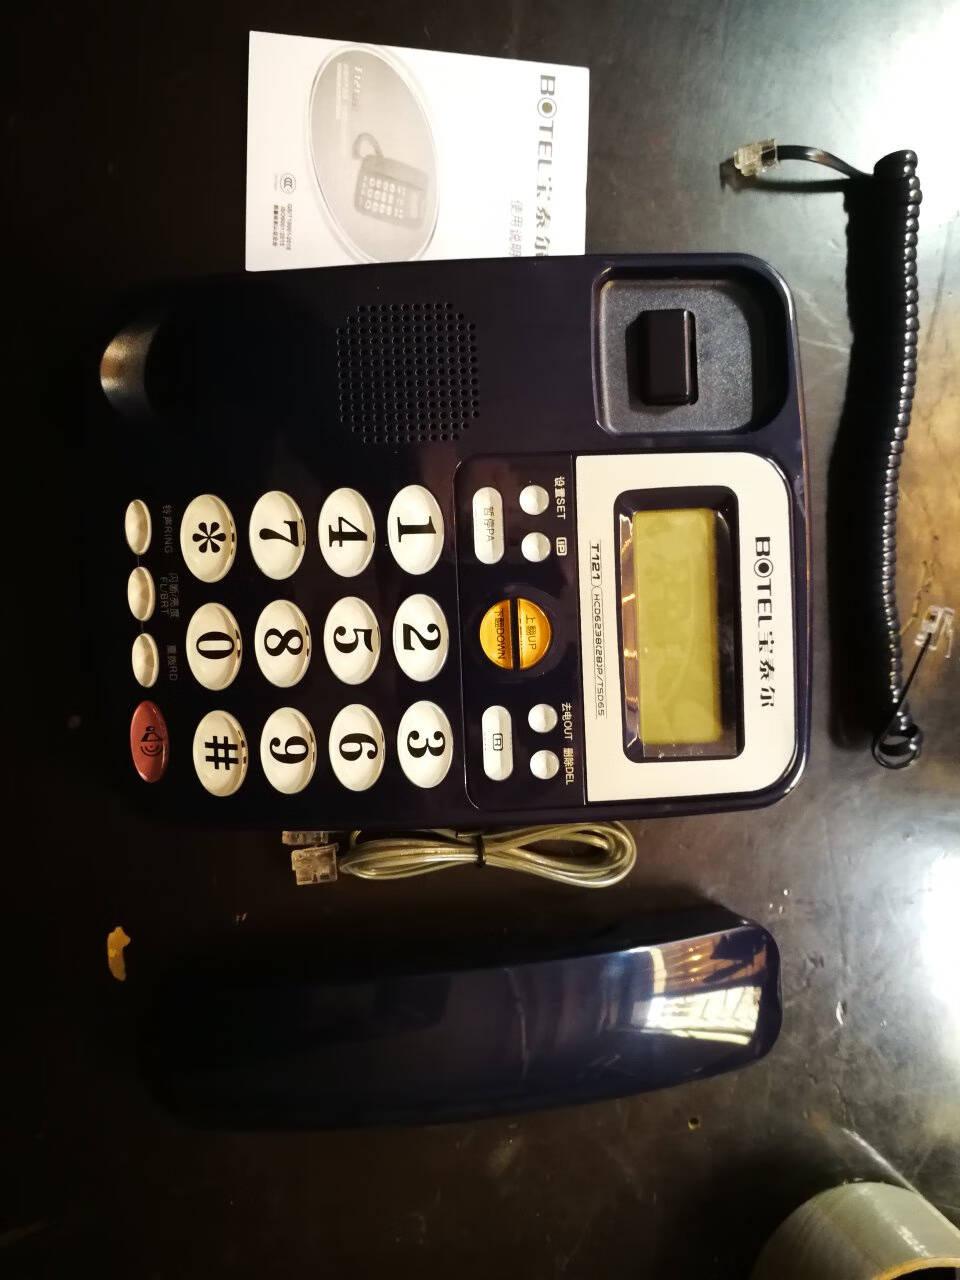 宝泰尔(BOTEL)电话机座机固定电话办公家用免提通话/双接口T121免提版蓝色